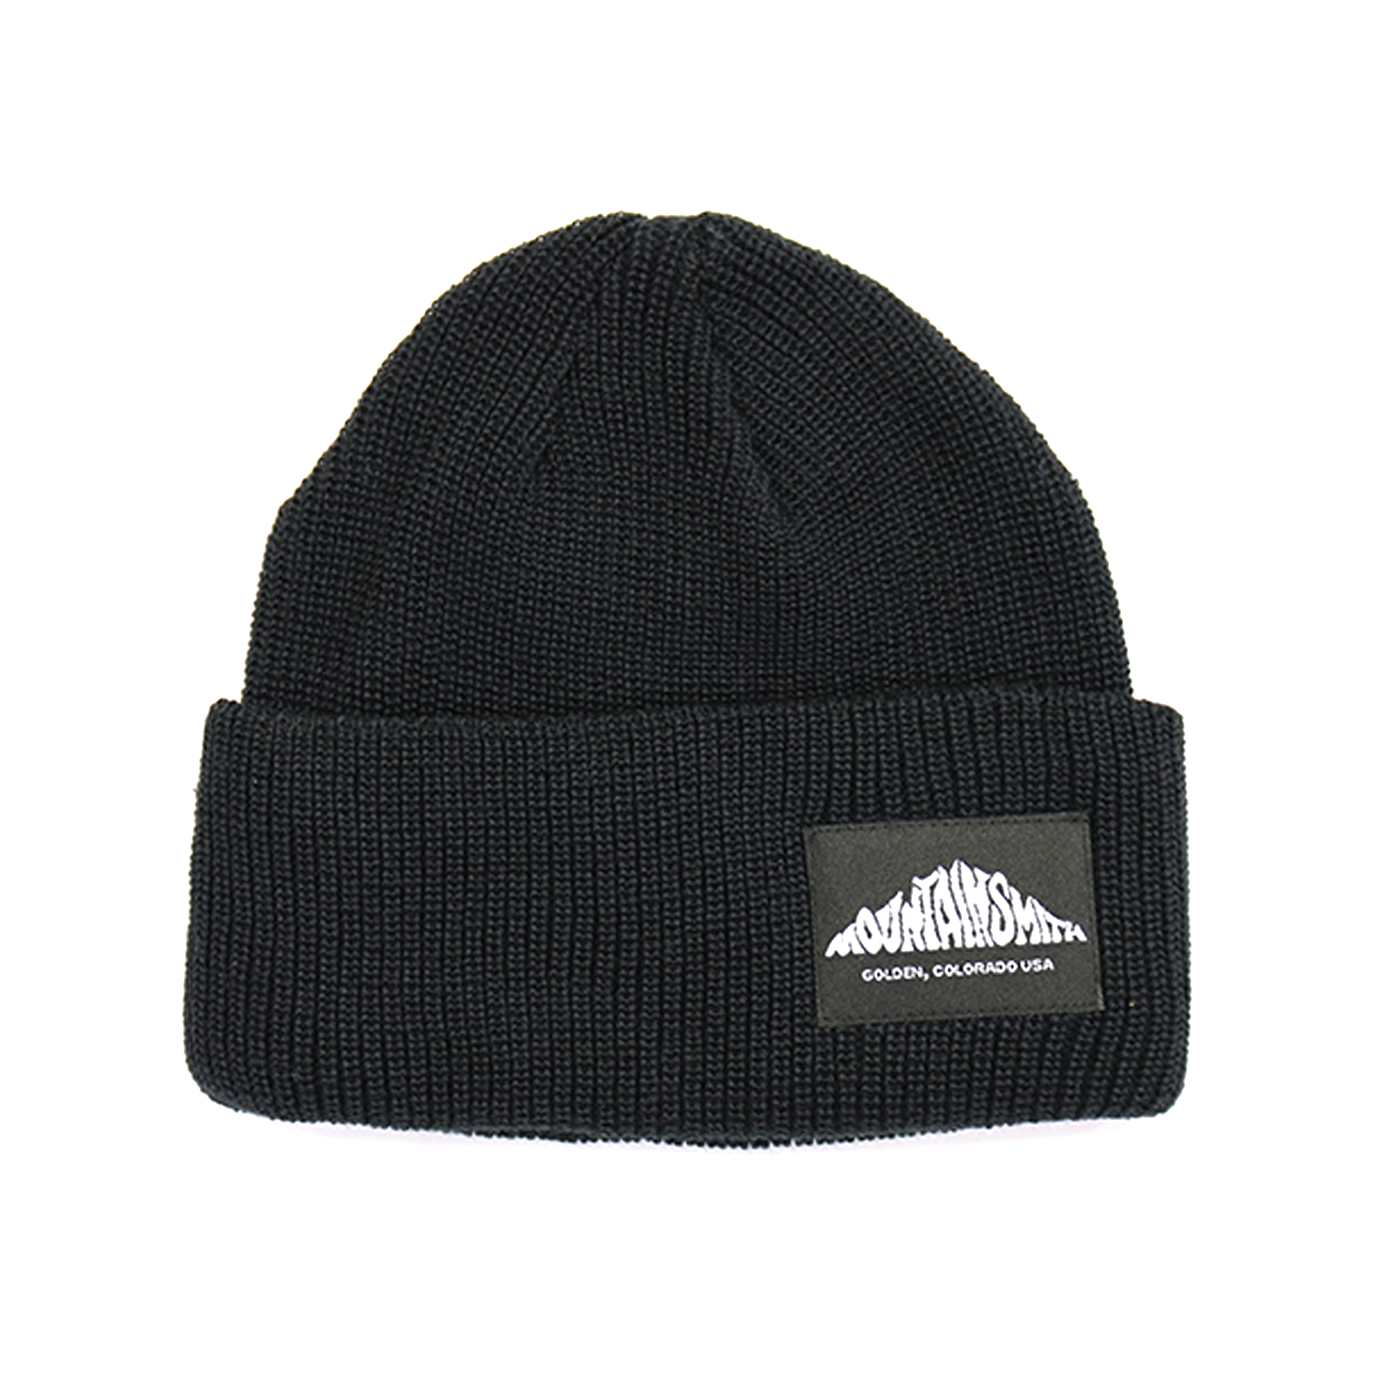 product: LOGO KNIT CAP / color: BLACK 1